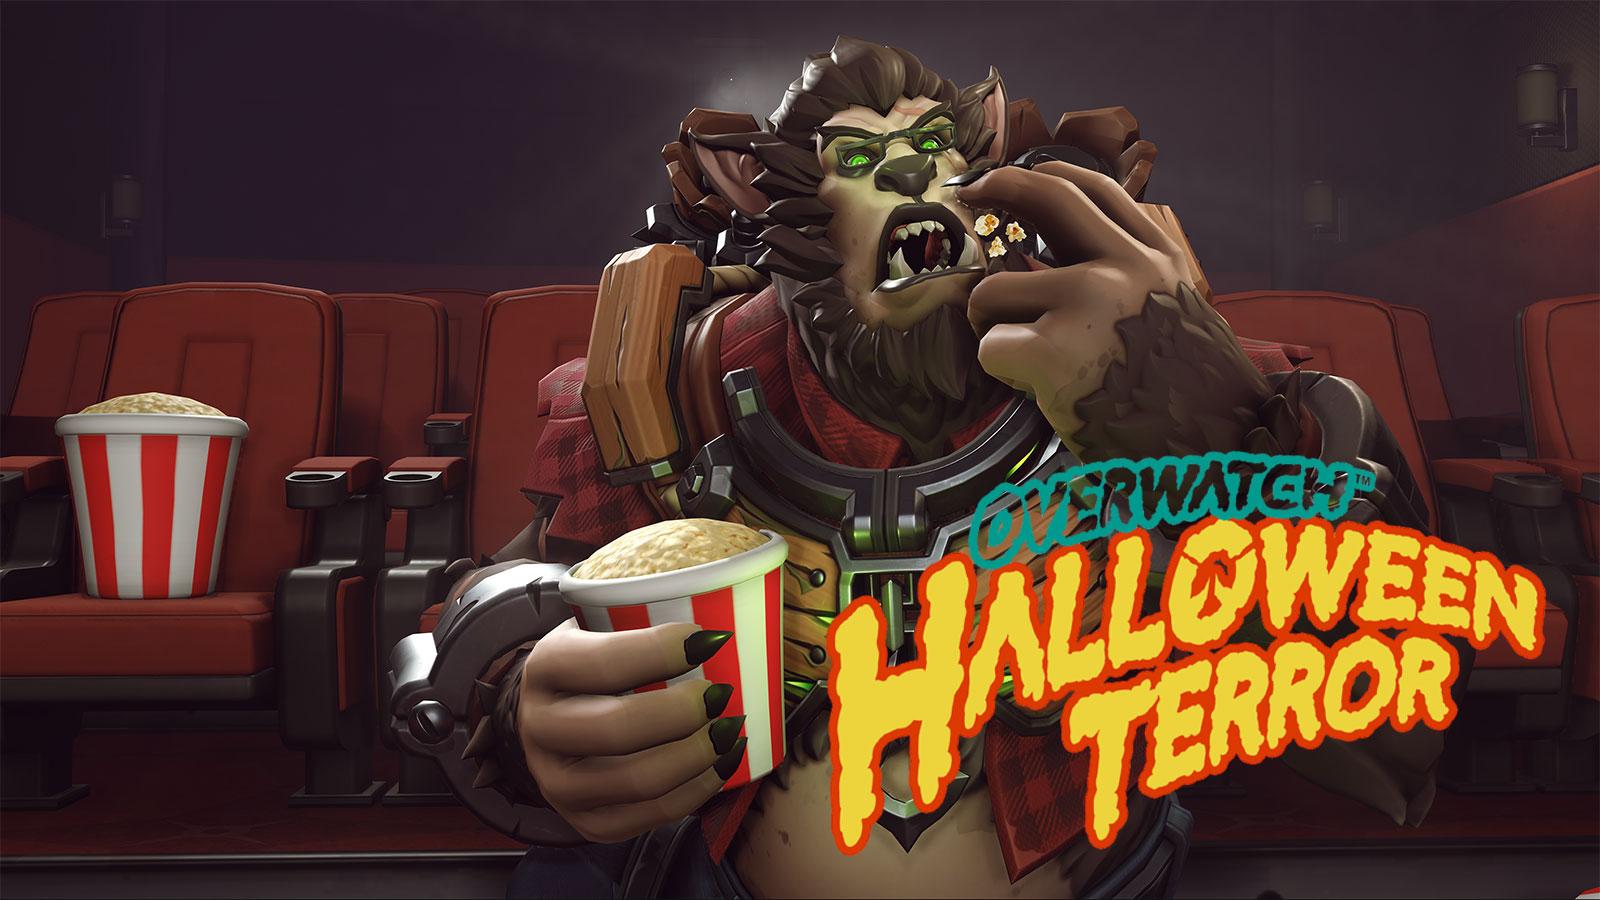 Winston Halloween Terror